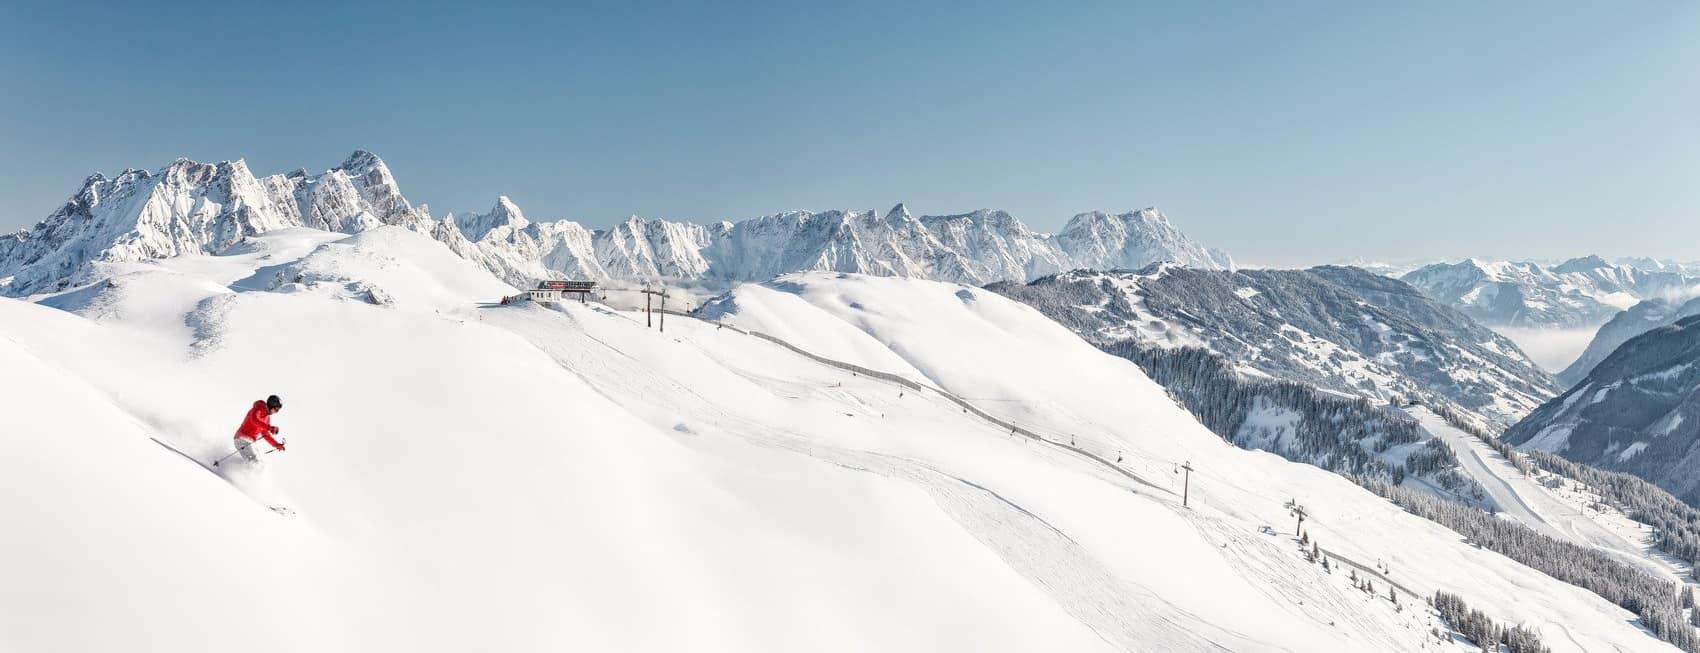 Skidsemester med Austria Travel - Skicircus Saalbach-Hinterglemm-Leogang- Fieberbrunn-Zell am See-Kaprun